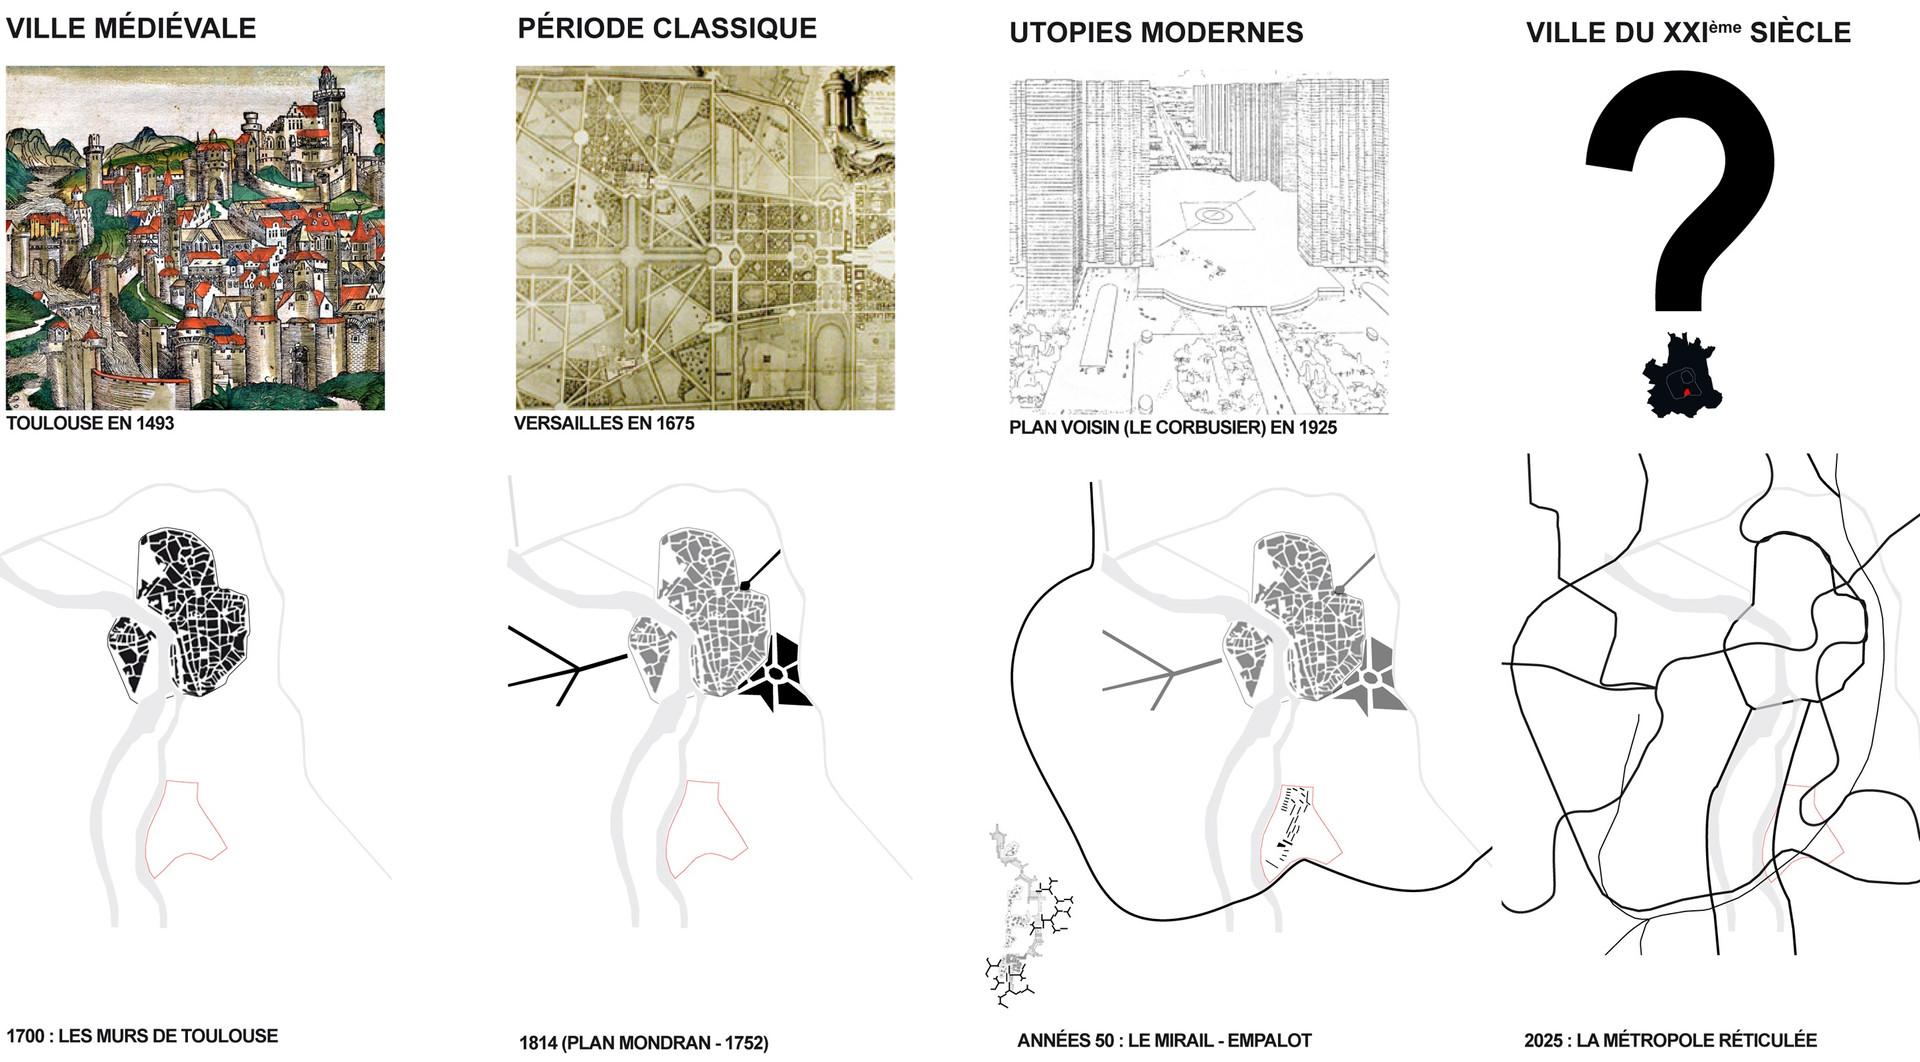 Histoire de l'urbanisation de Toulouse